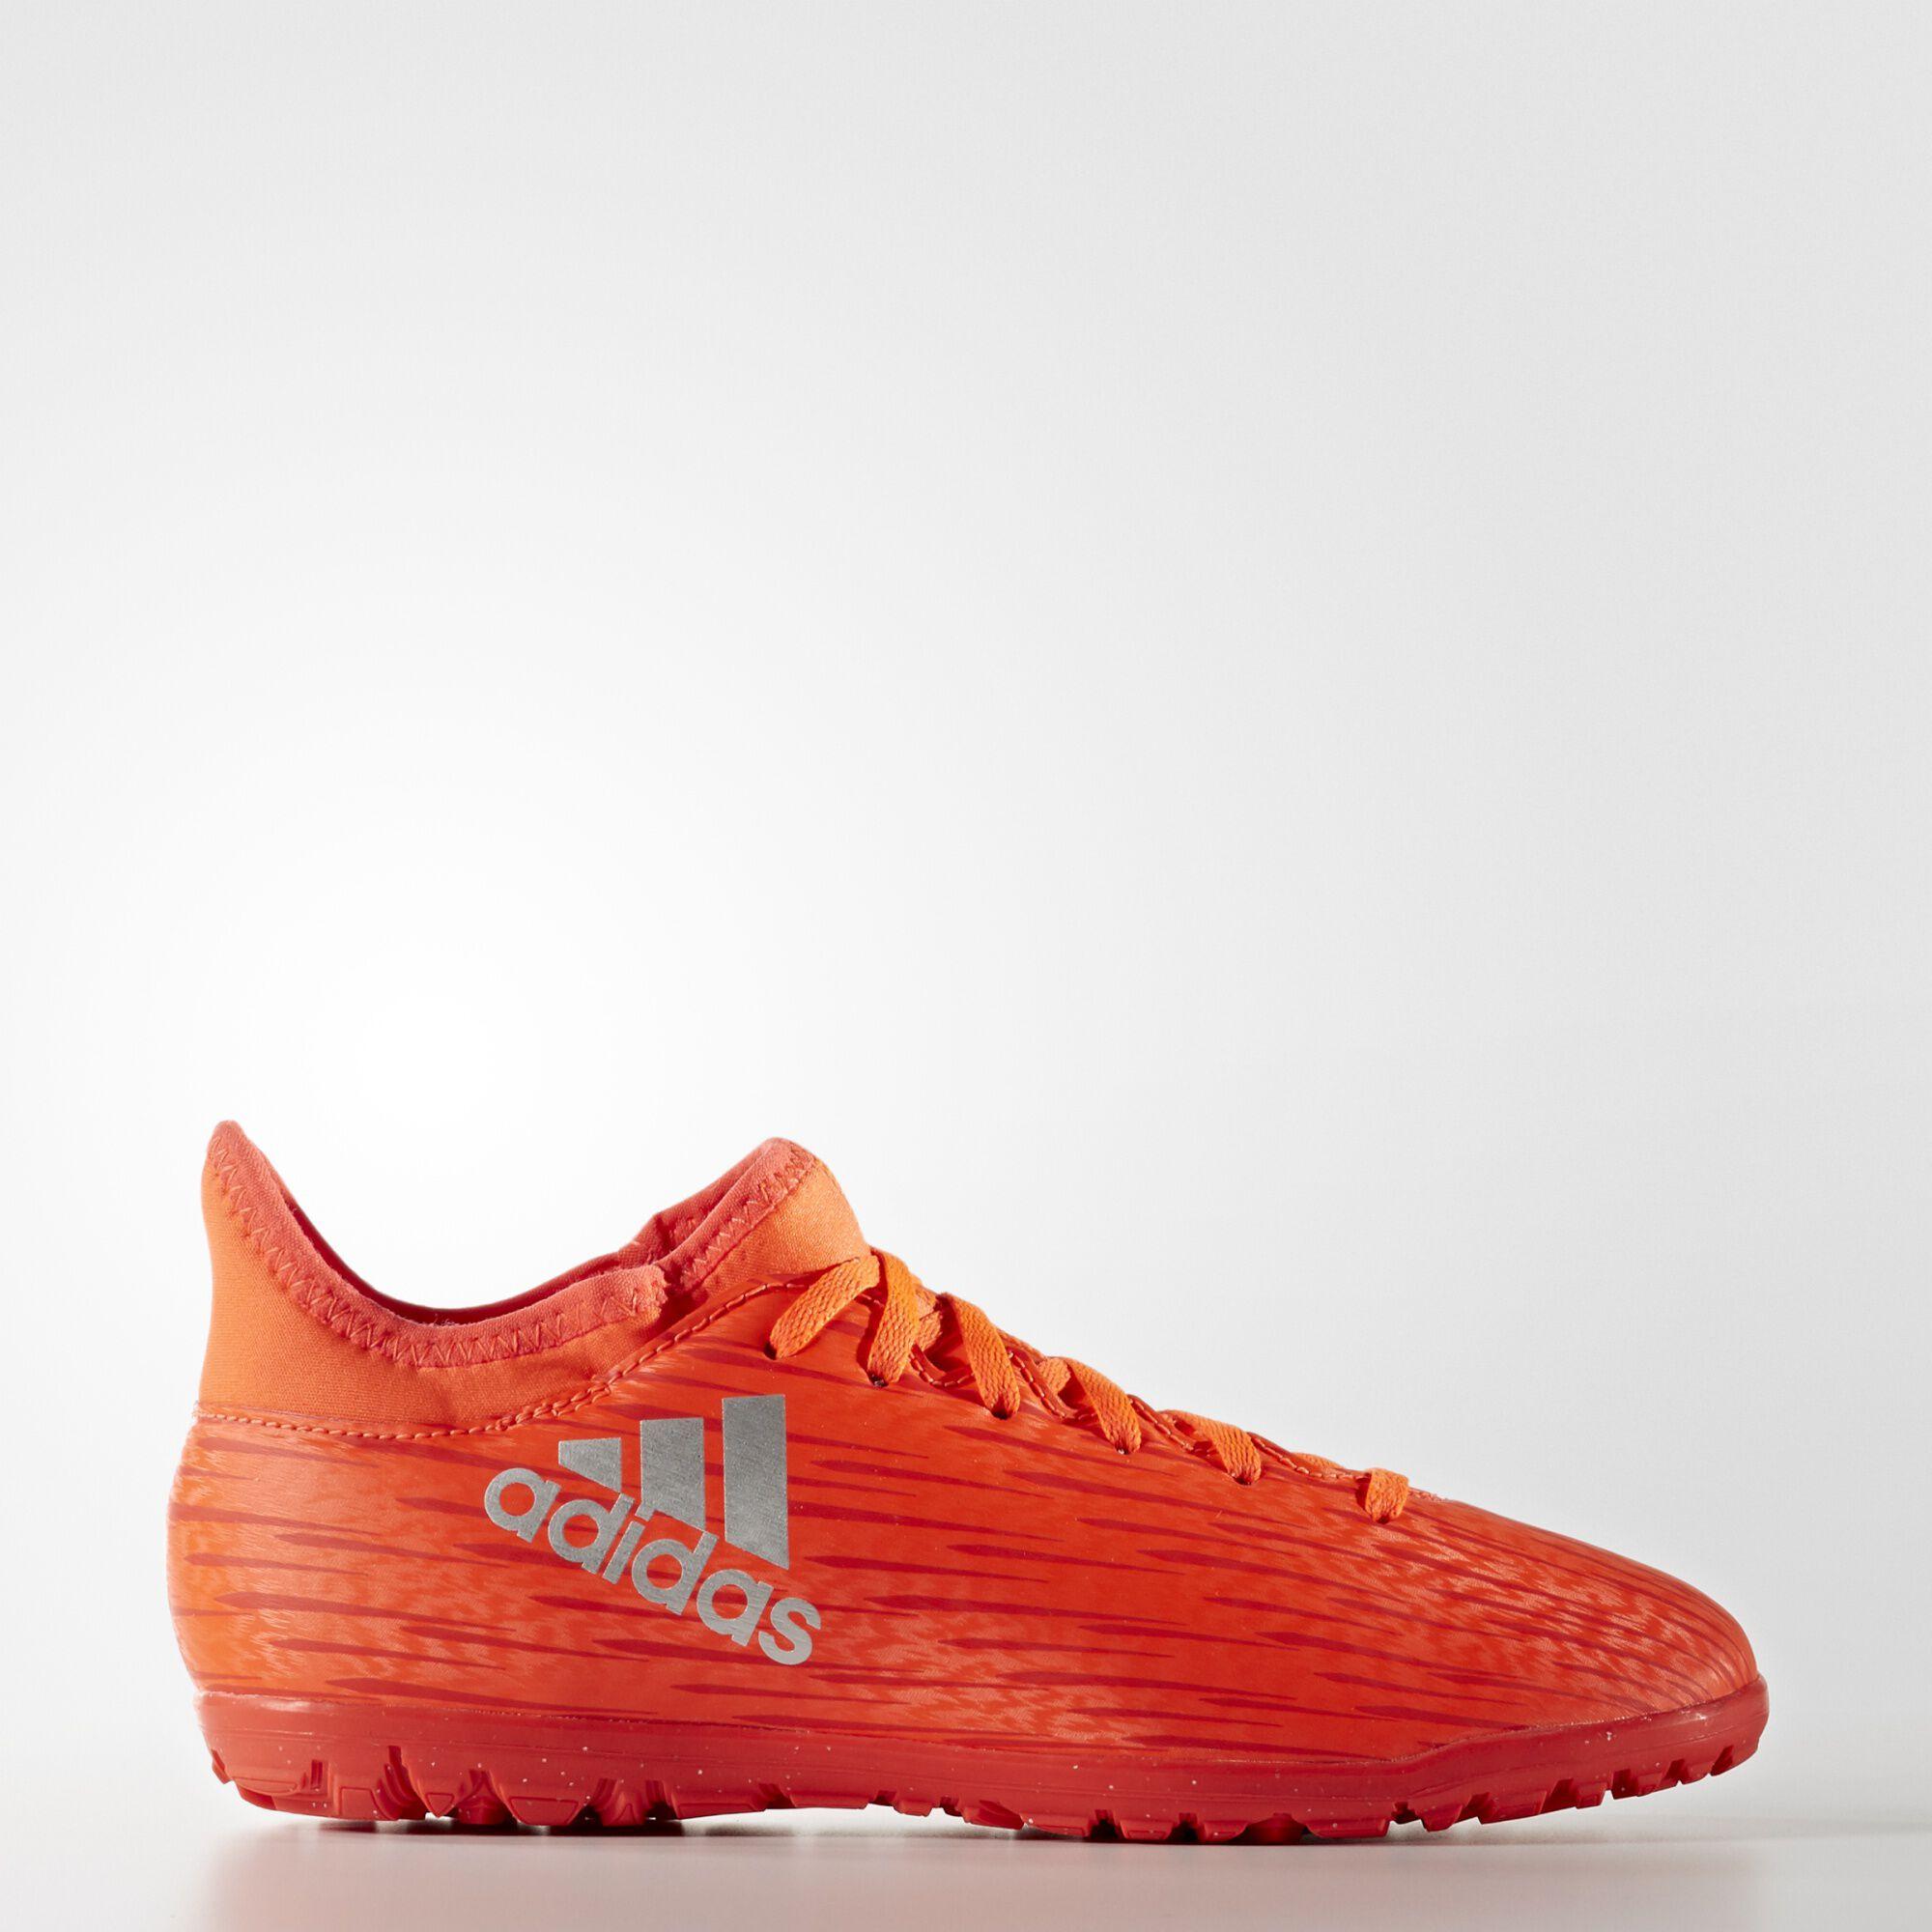 Adidas 2016 Futbol X auto-mobile.es 56d3b14ff68af